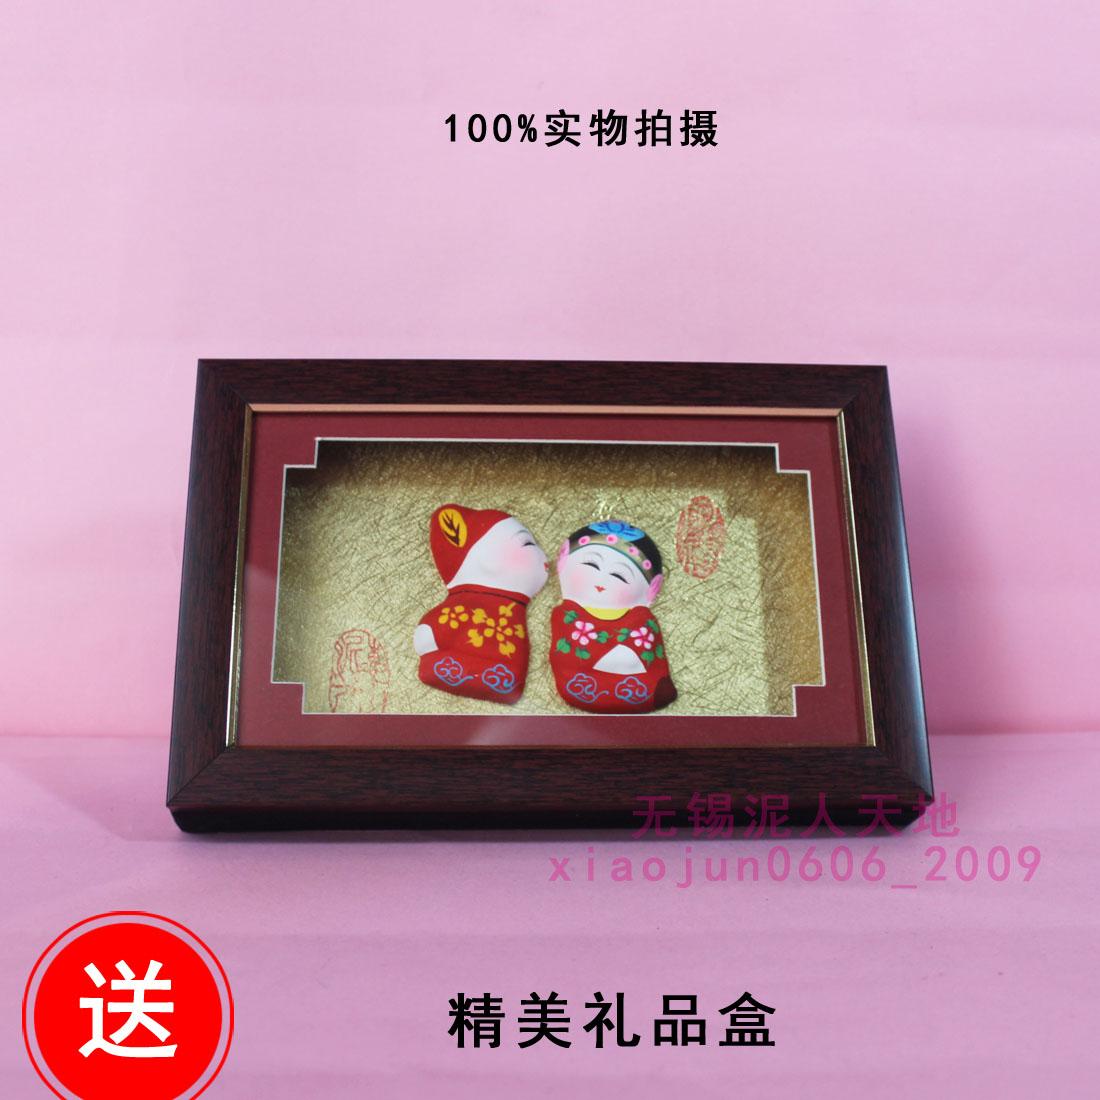 无锡惠山泥人阿福阿喜福娃摆件特色手工艺品公司可定制送礼品盒